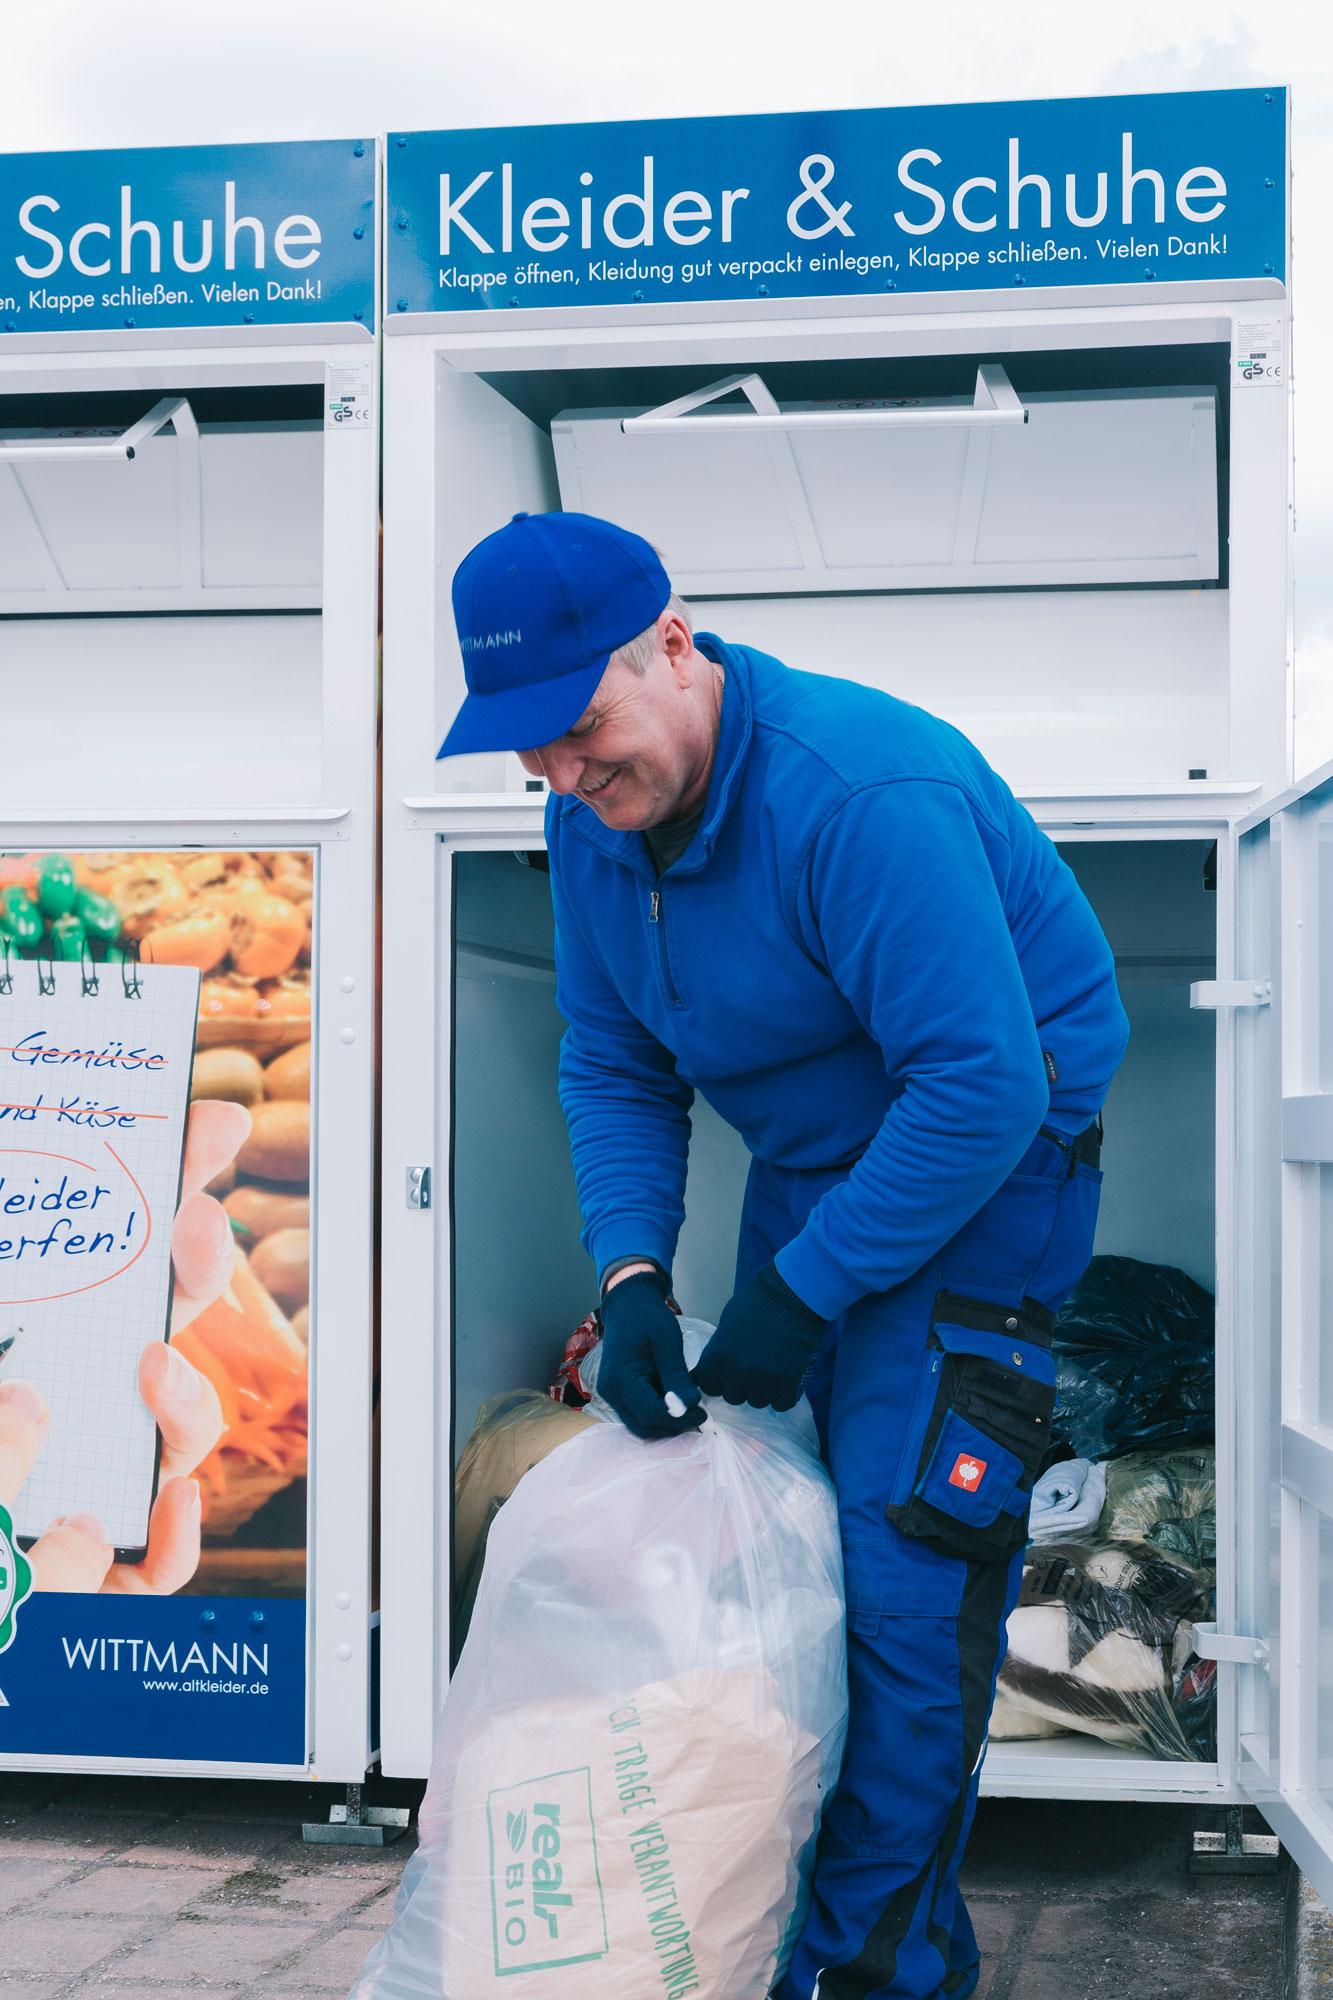 Wittmann Recycling Mitarbeiter leert einen Container aus